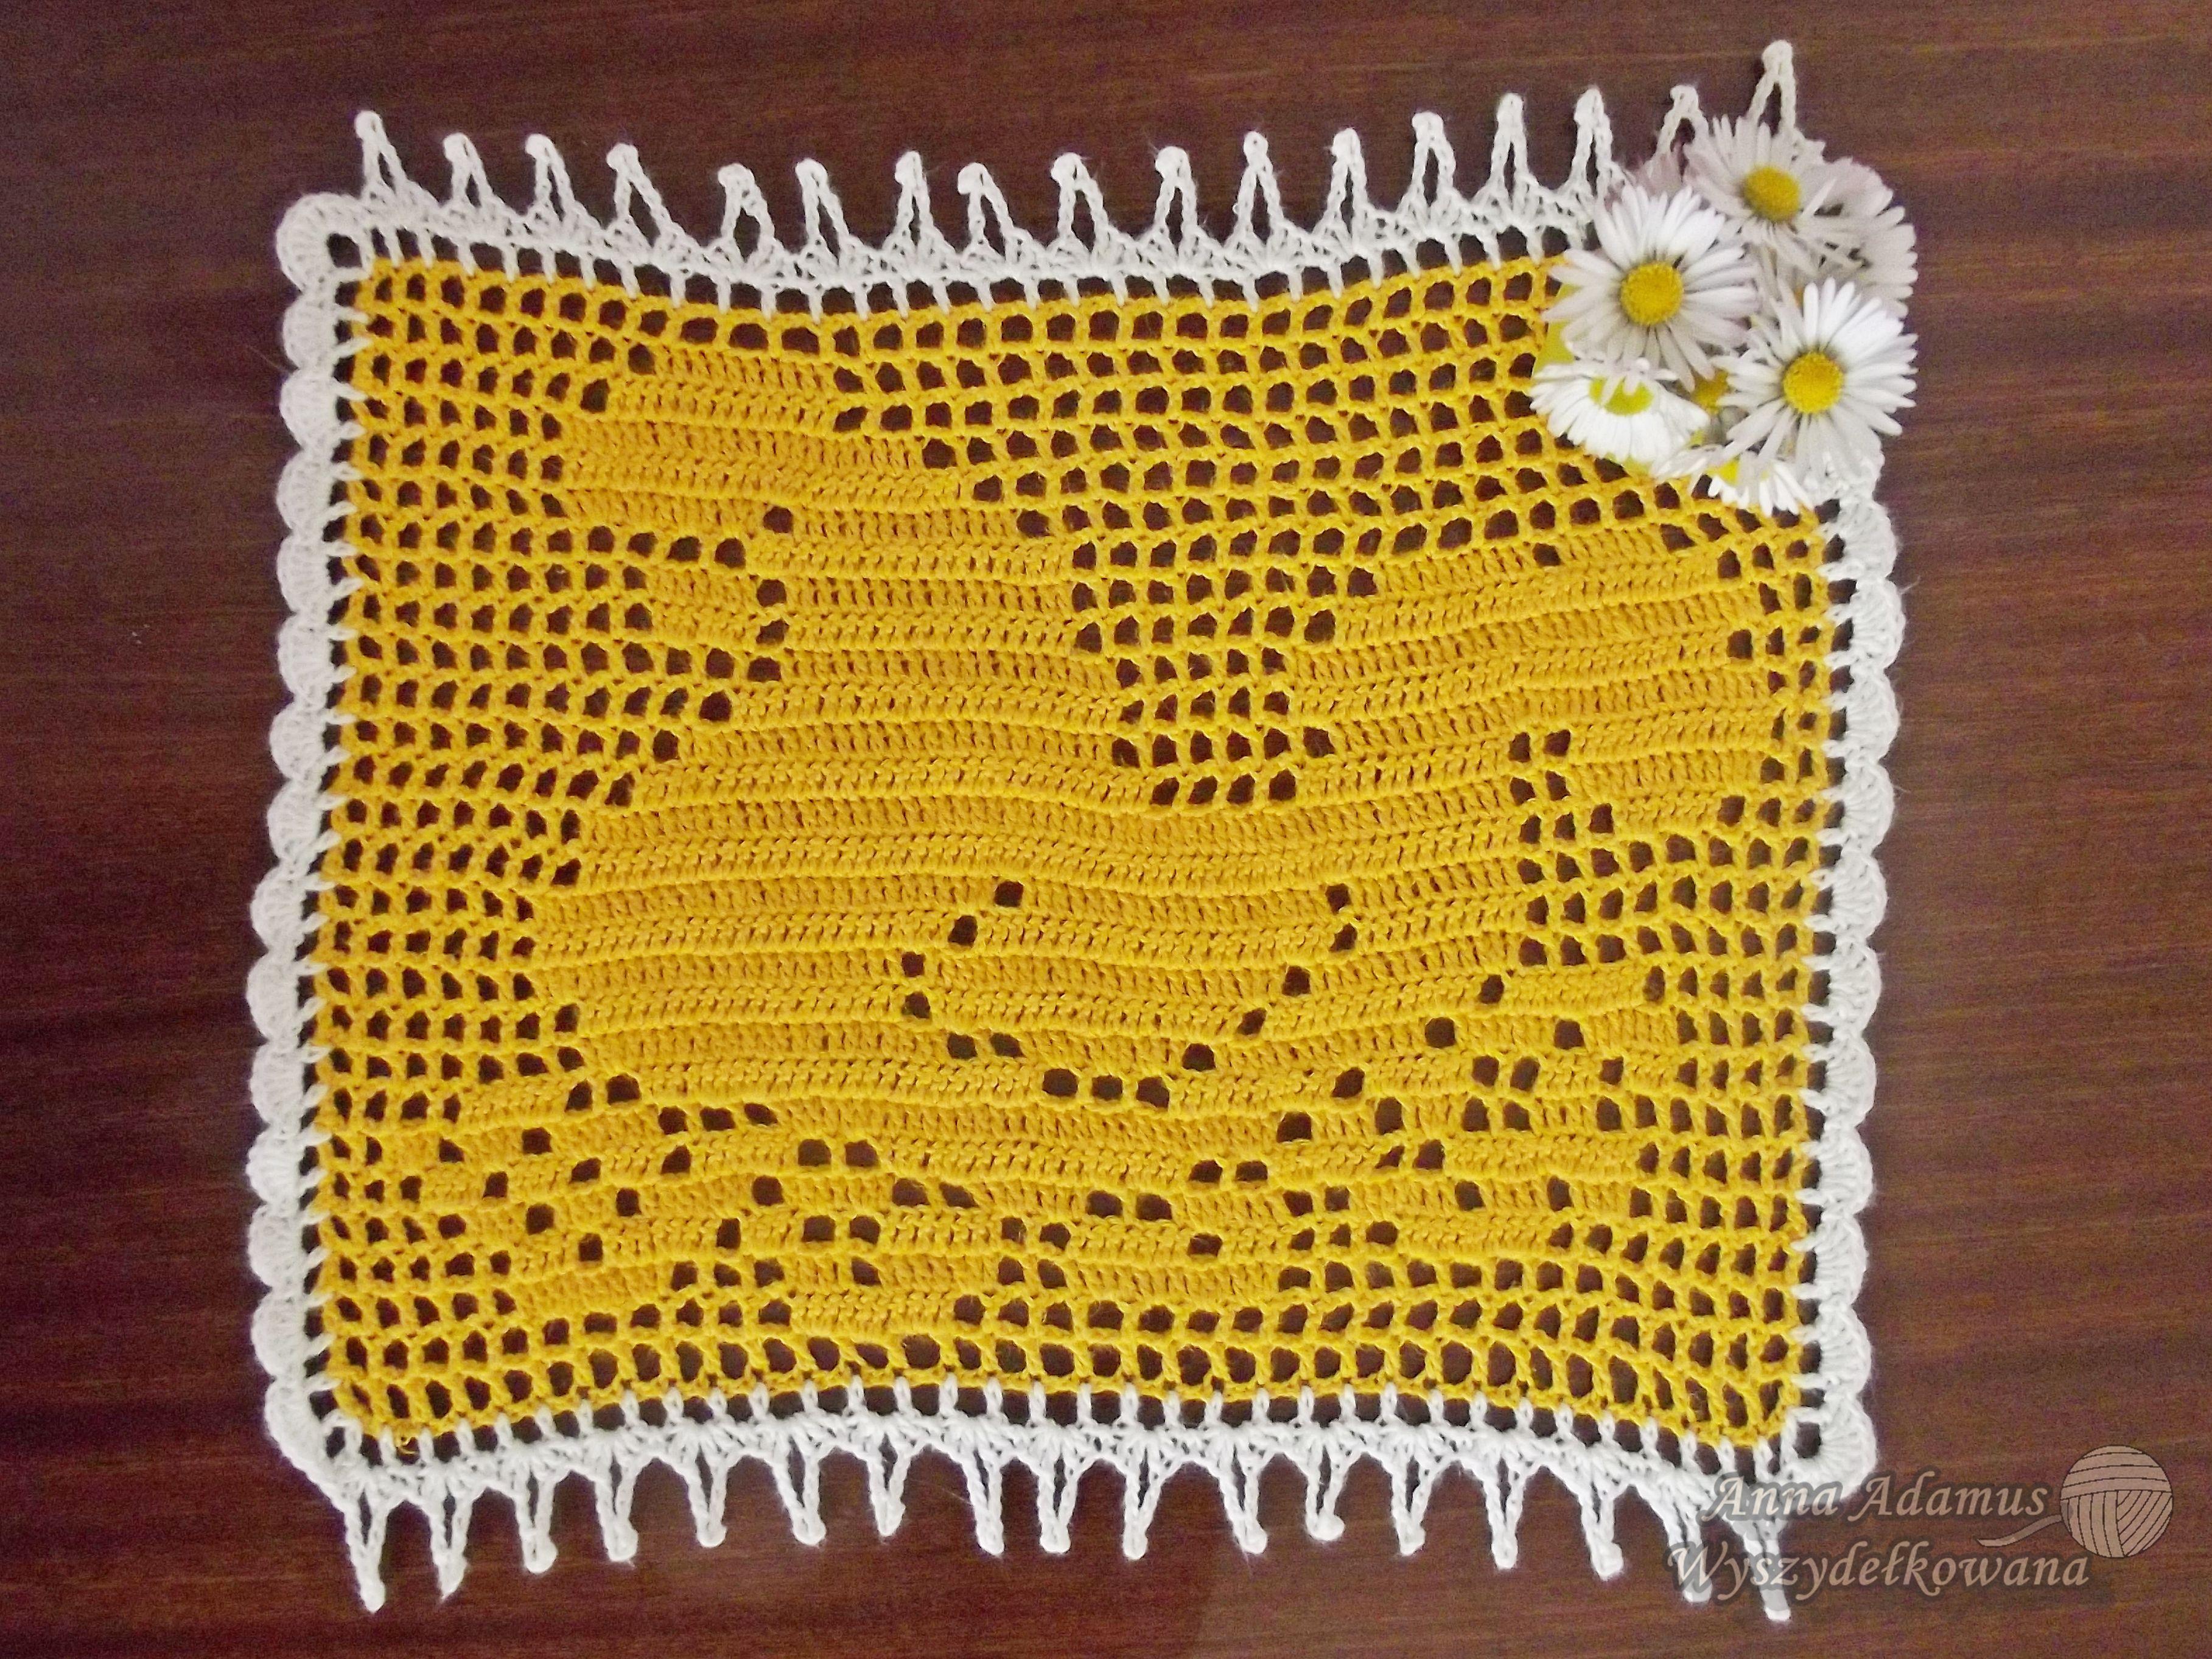 Easter crochet doily hen/chicken/fowl - filet crochet free pattern ...